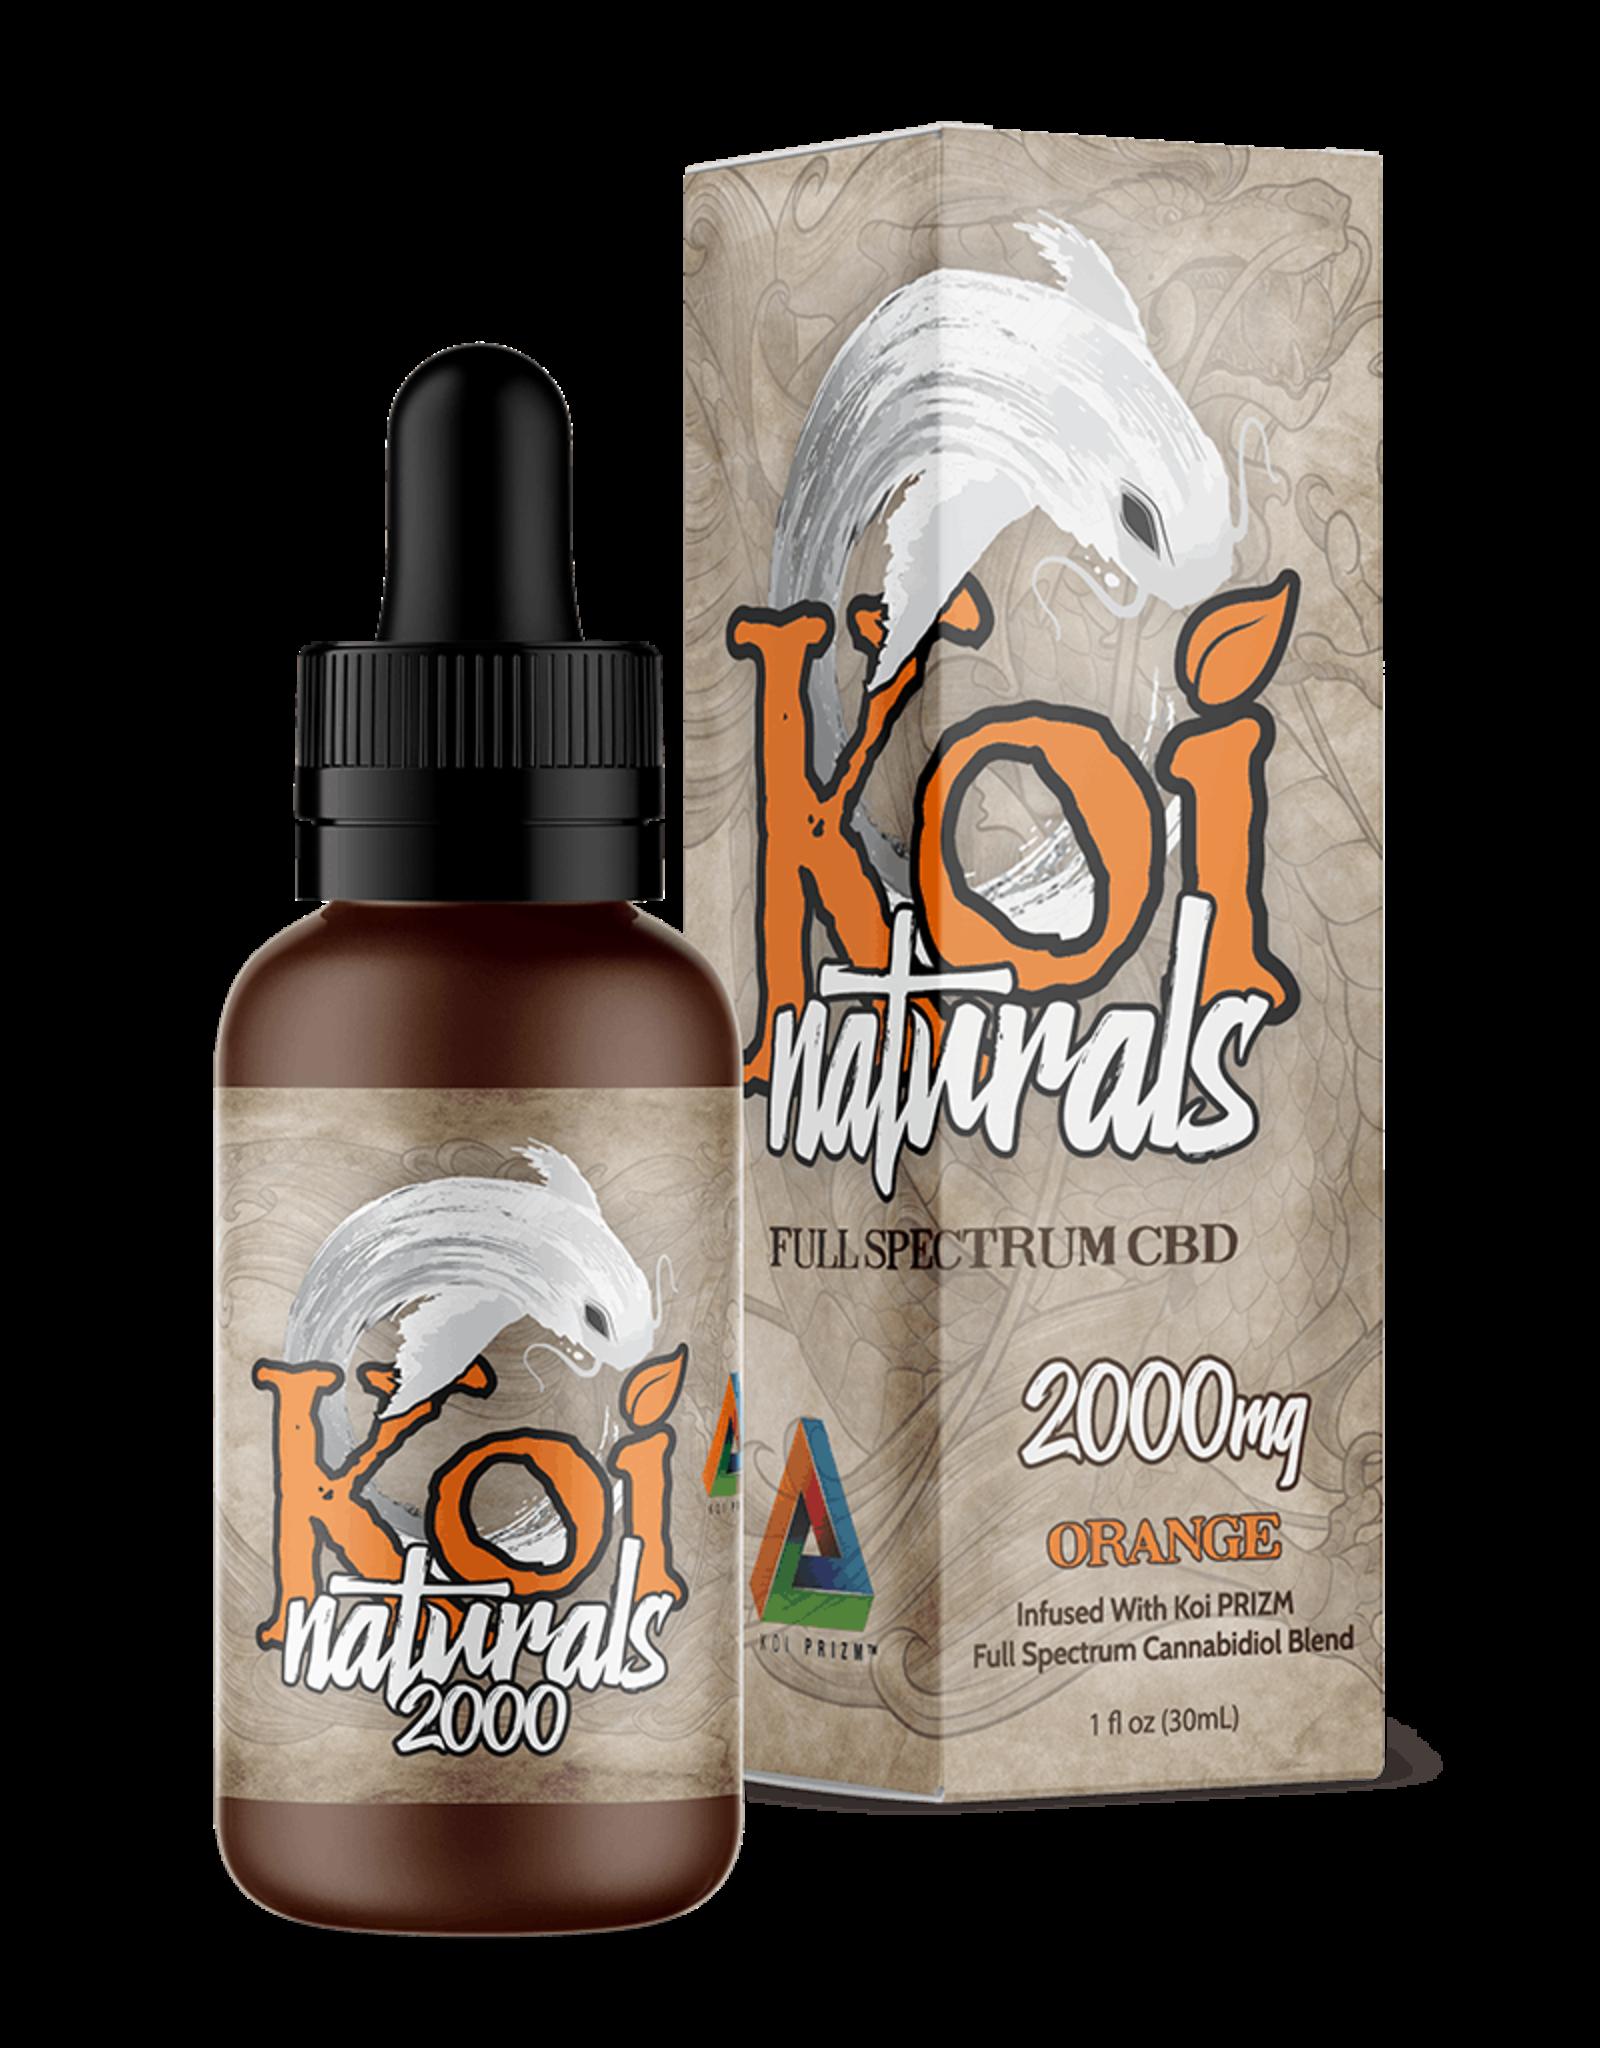 Koi CBD KOI Naturals Full Spectrum 2000mg Tincture